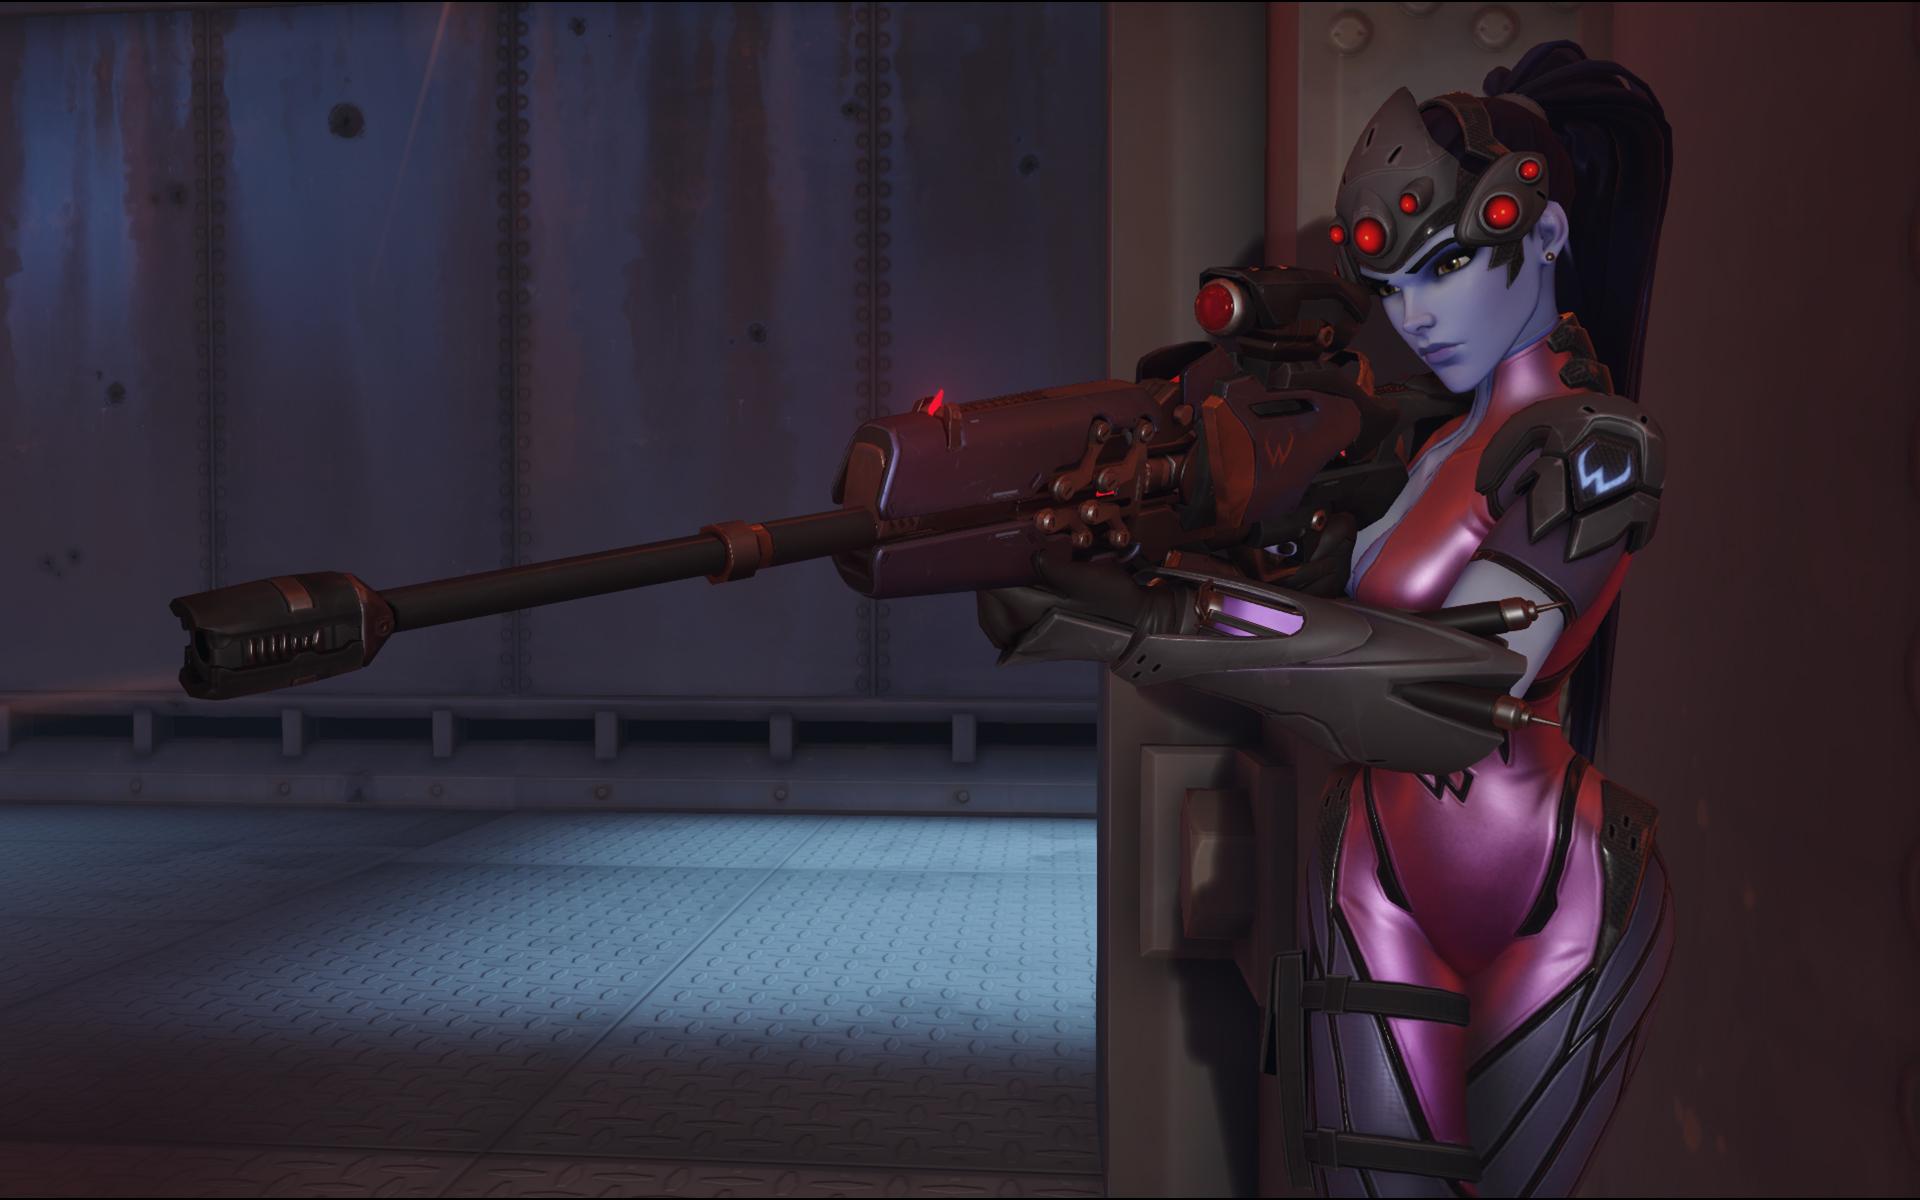 Widowmaker in Overwatch